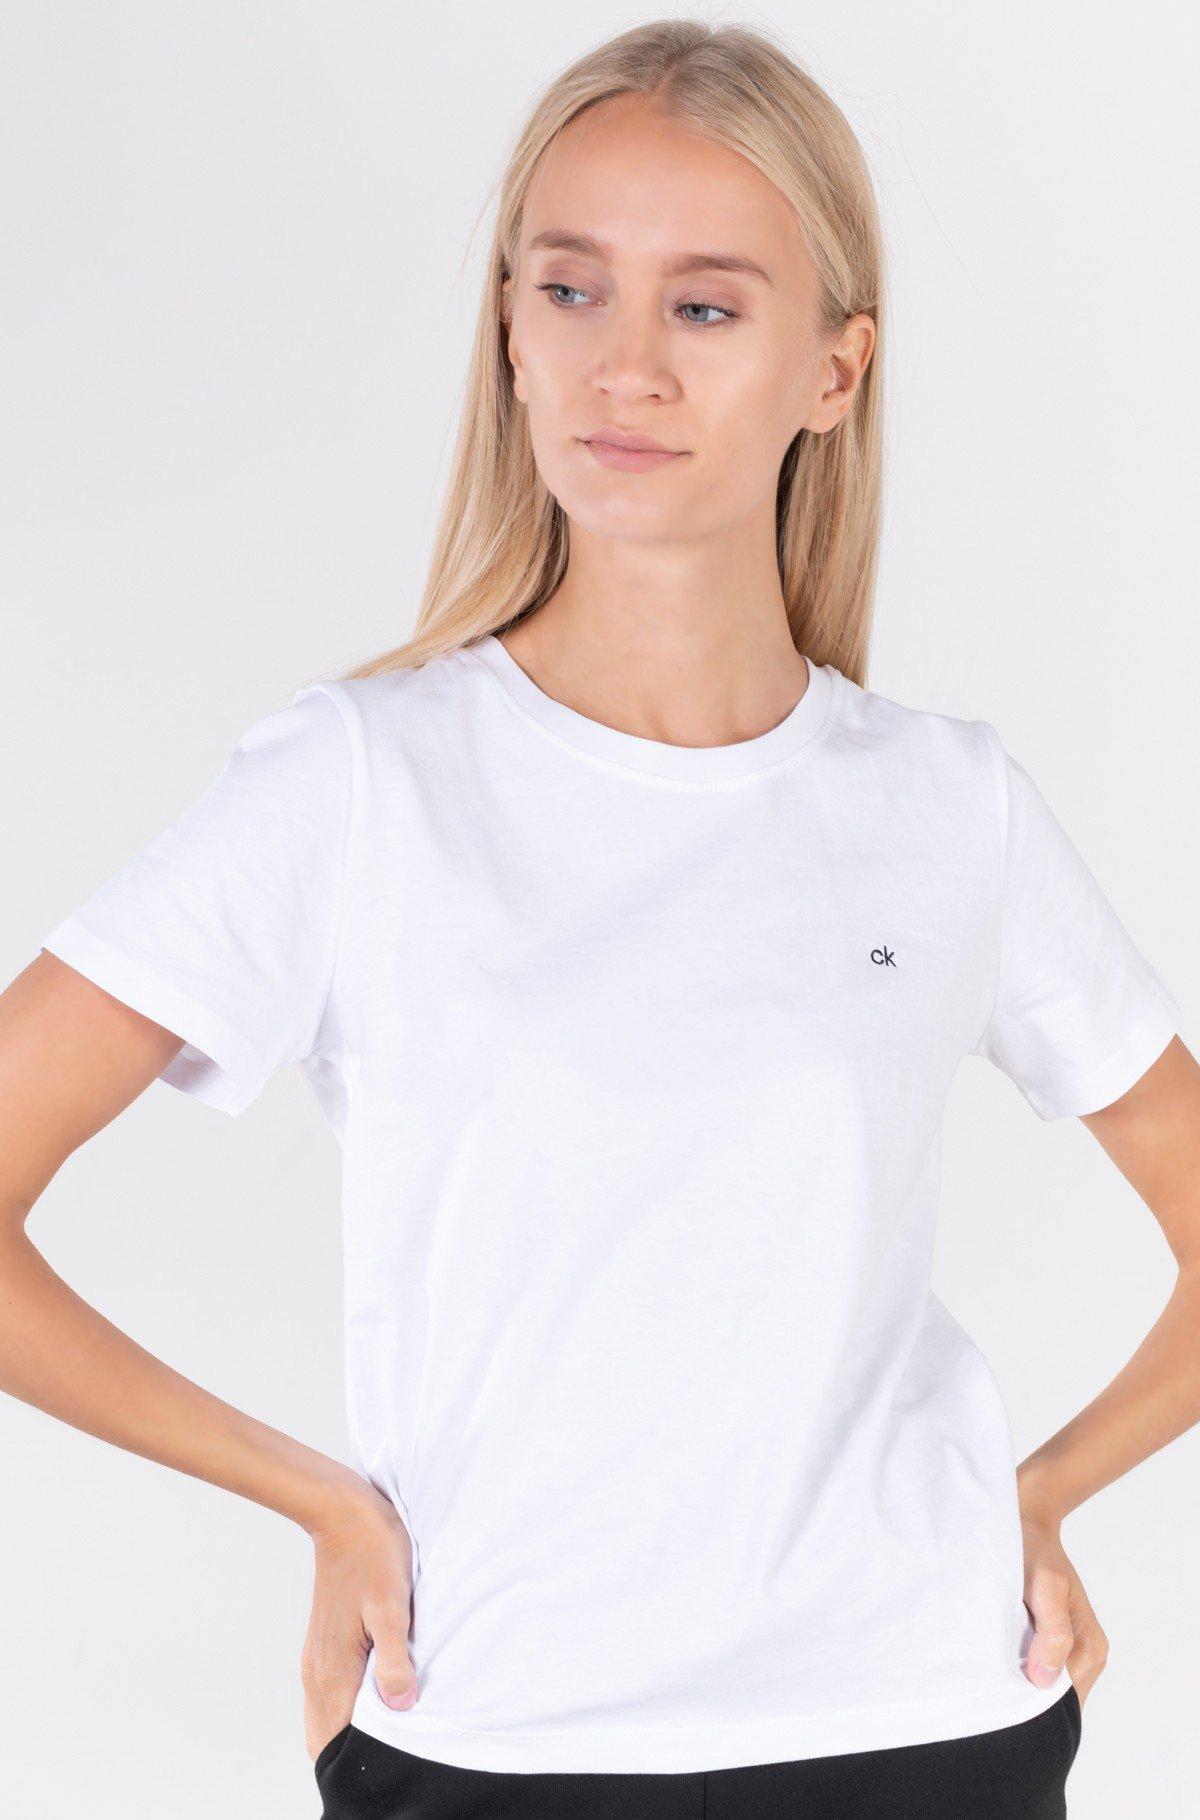 Marškinėliai SMALL CK C-NECK TOP-full-1